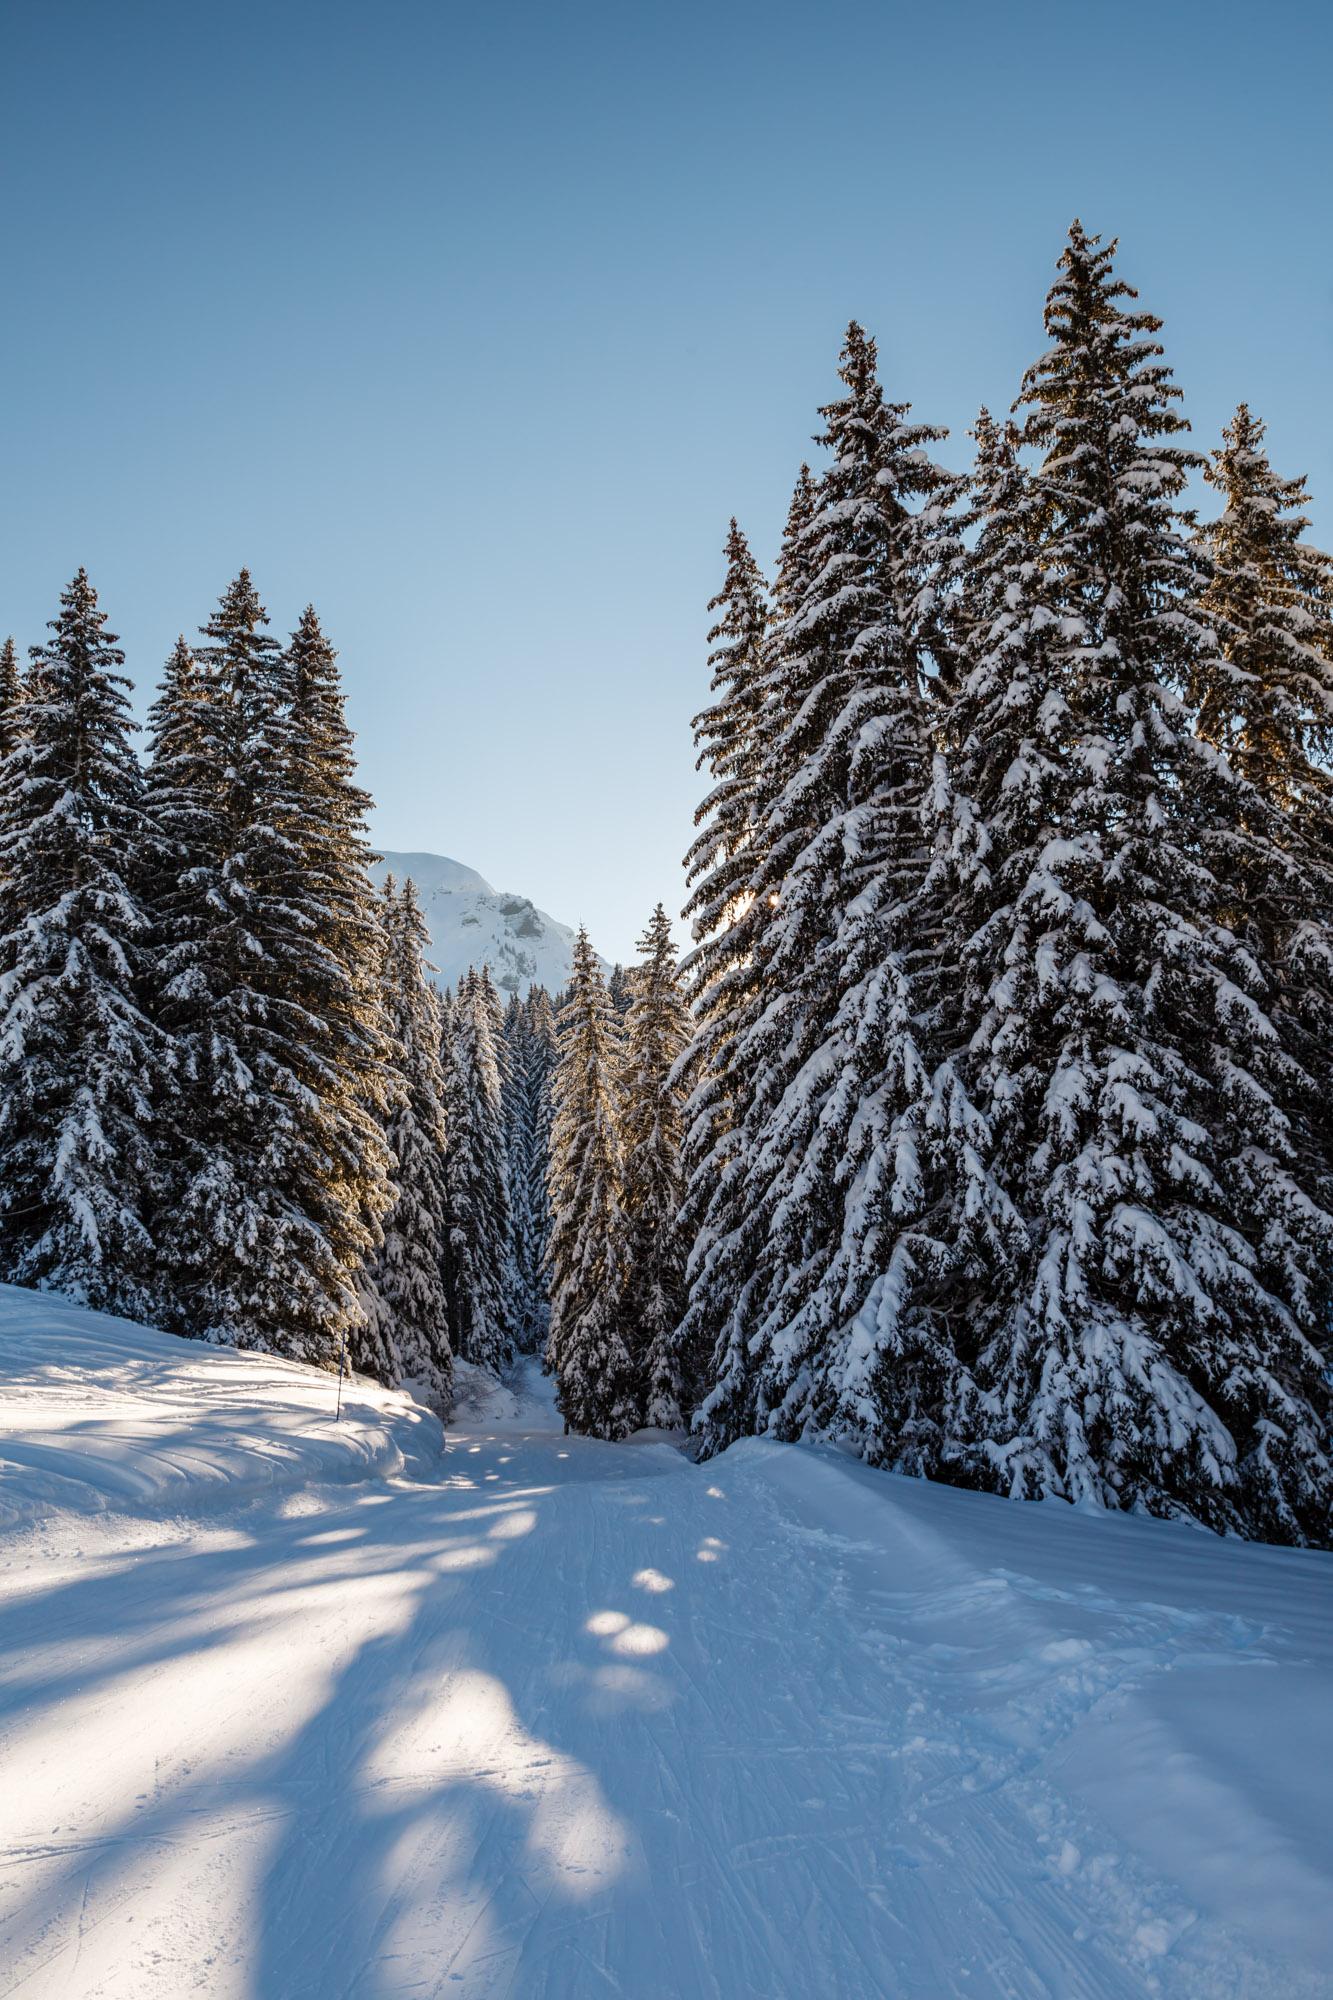 Ski Slope, Megeve, France